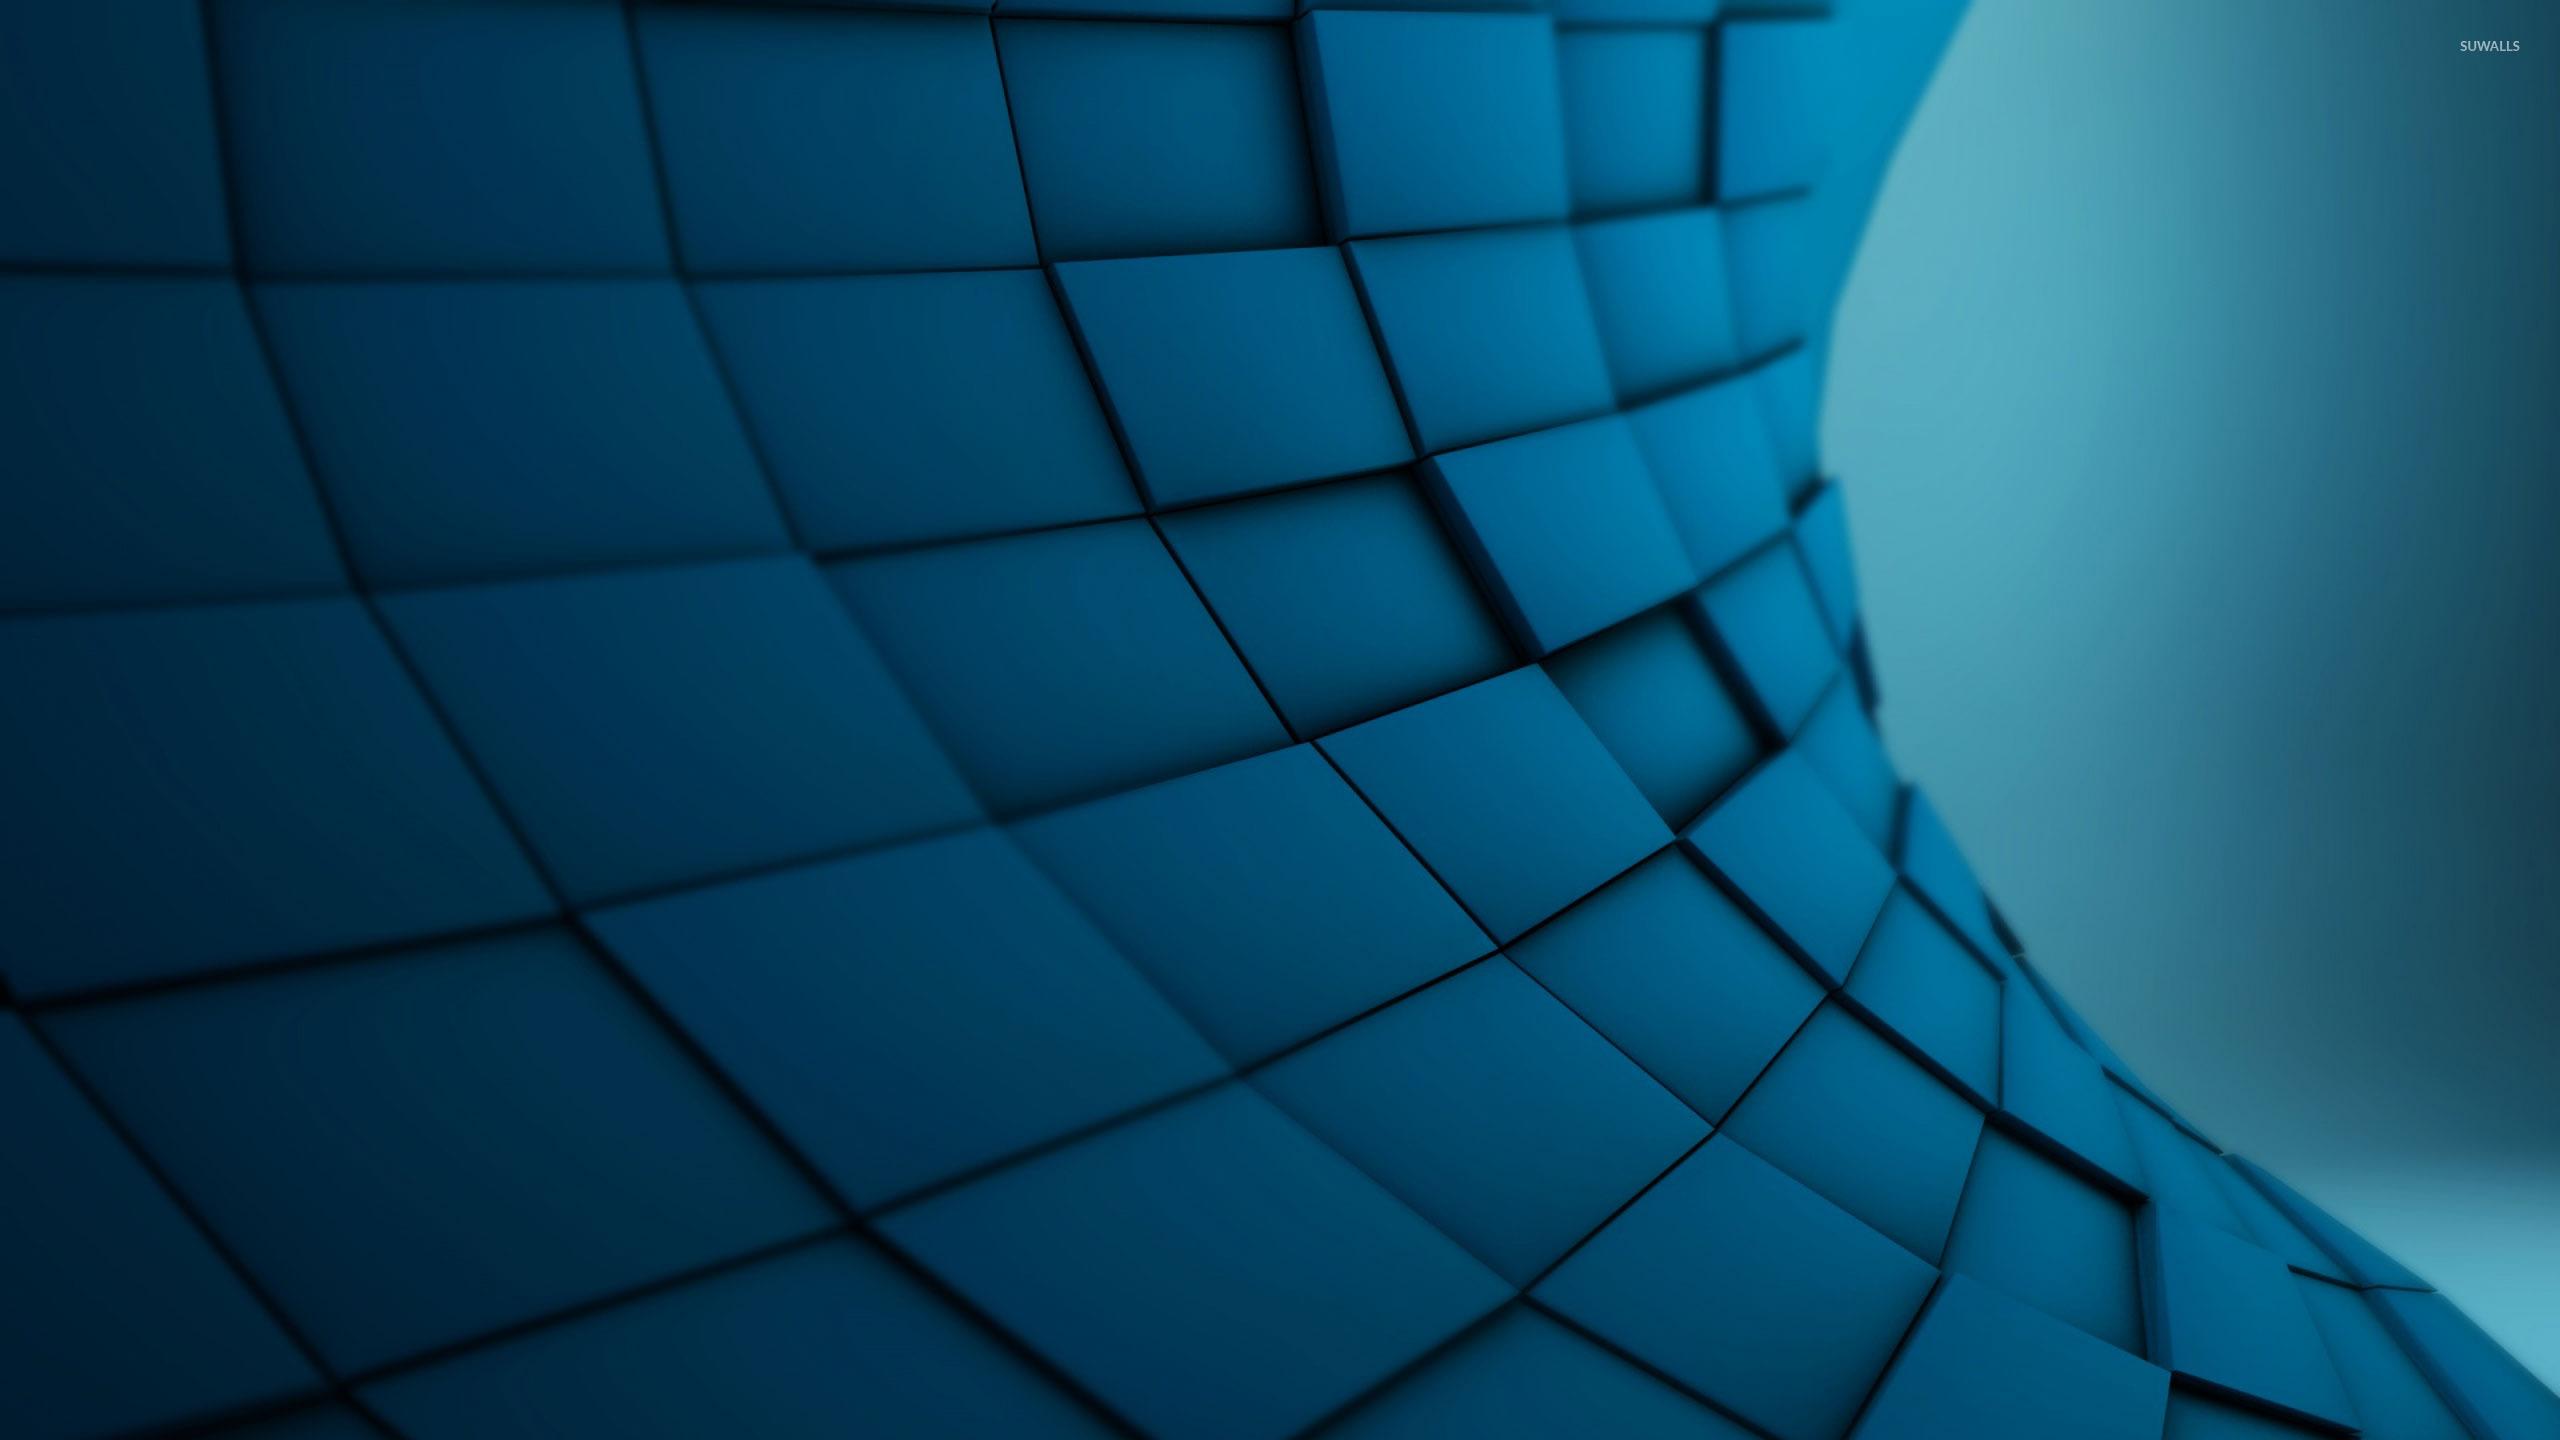 blue tiles 2 wallpaper 3d